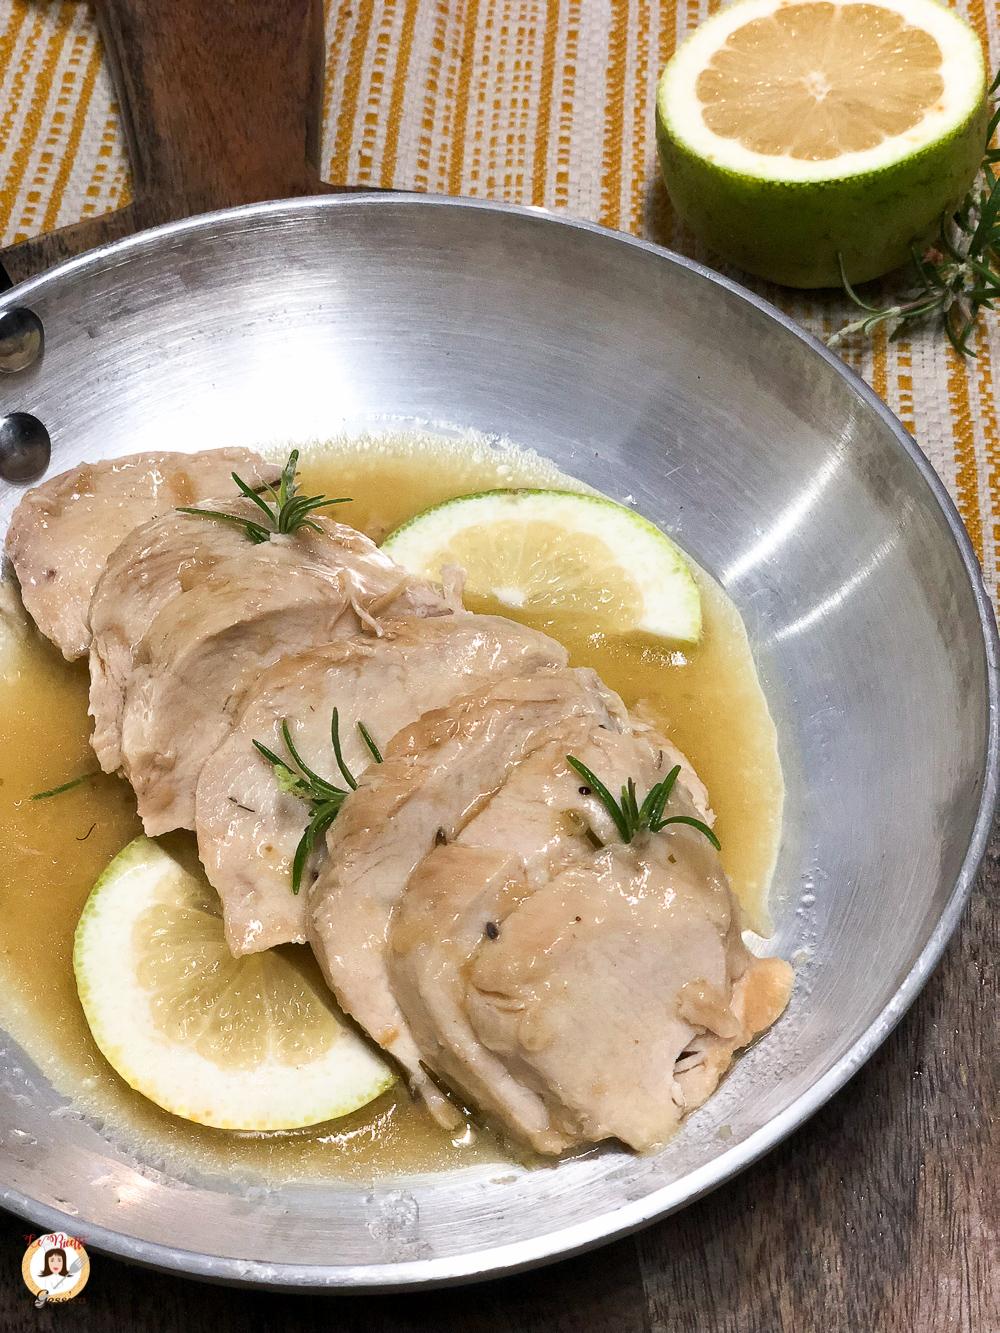 Petto di pollo al limone cotto in padella Secondo piatto cremoso e succoso